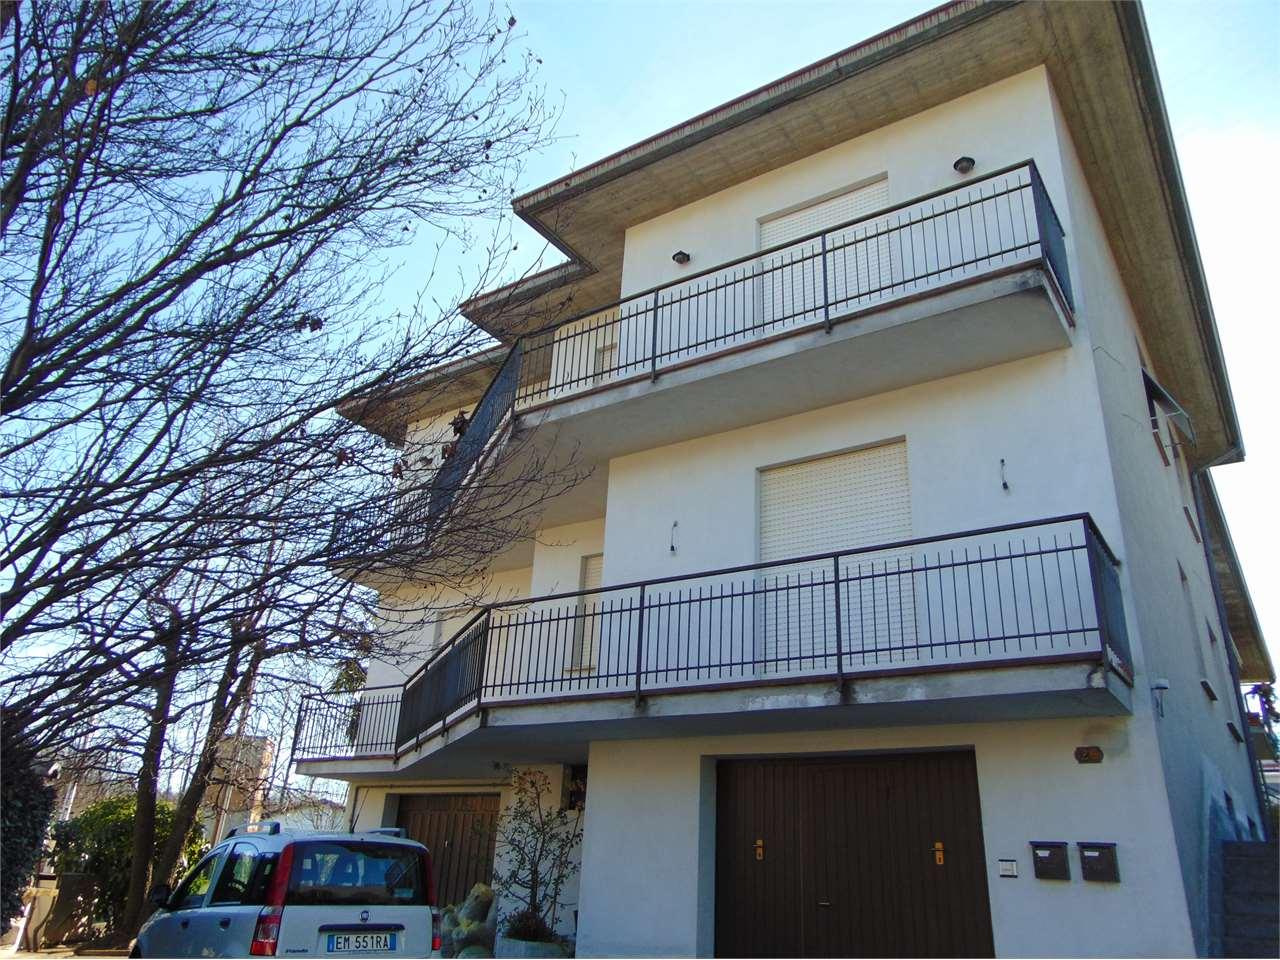 Appartamento in vendita a Varese, 2 locali, zona o/Europa, prezzo € 42.000 | PortaleAgenzieImmobiliari.it